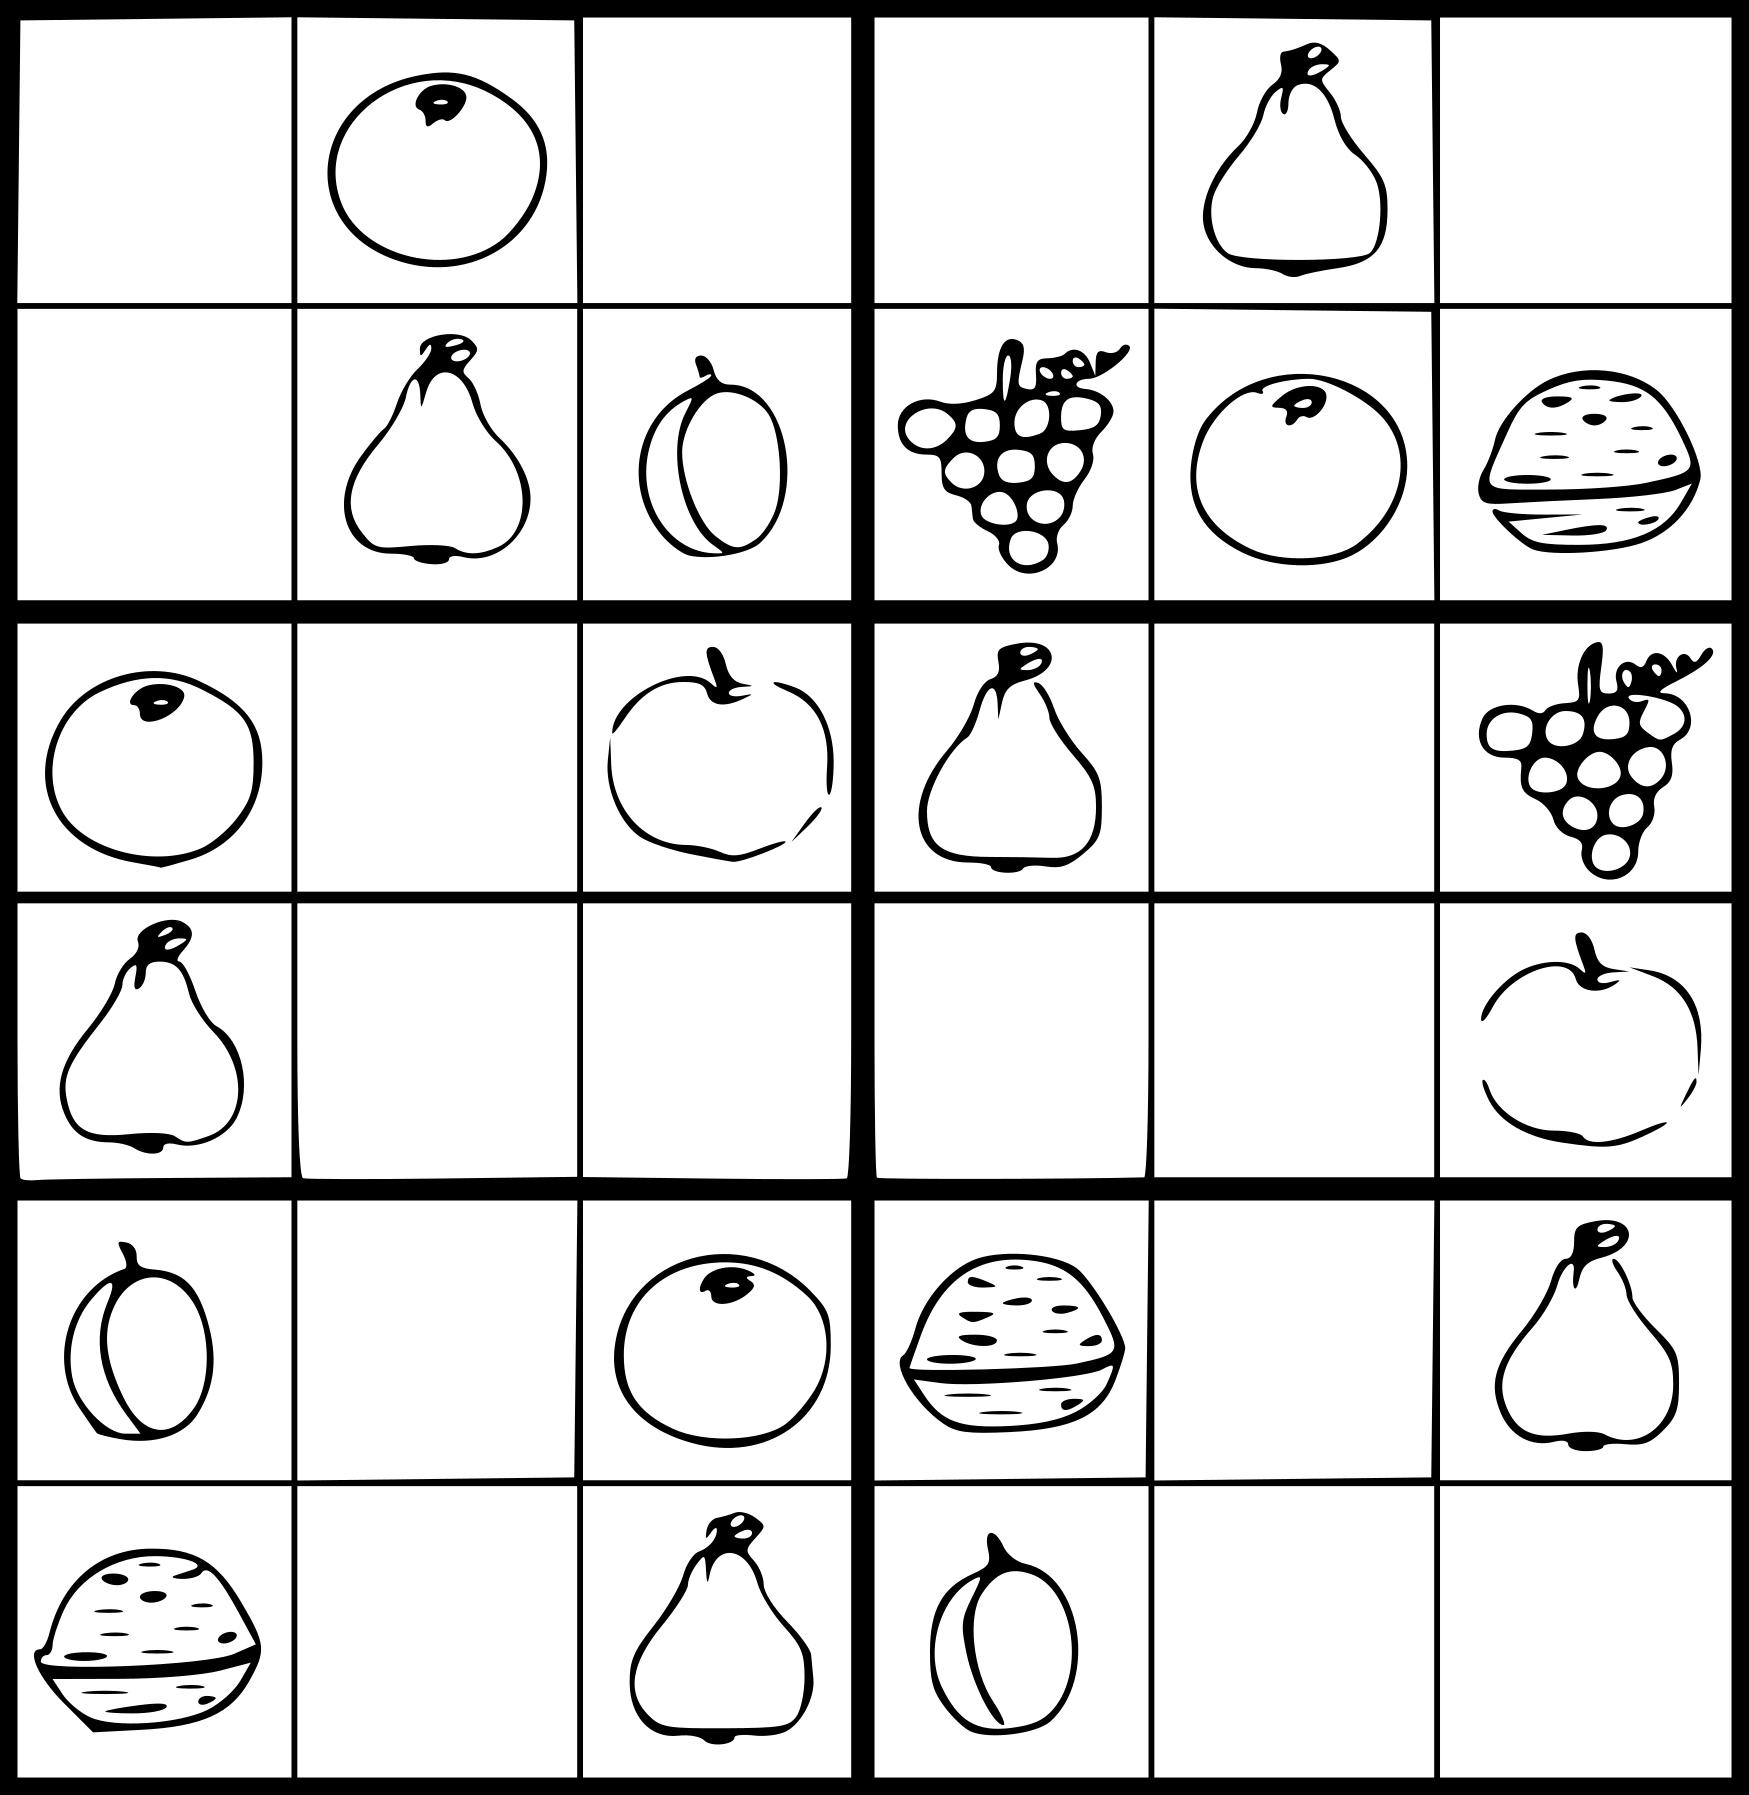 Coloriage Sudoku À Imprimer destiné Sudoku Animaux À Imprimer